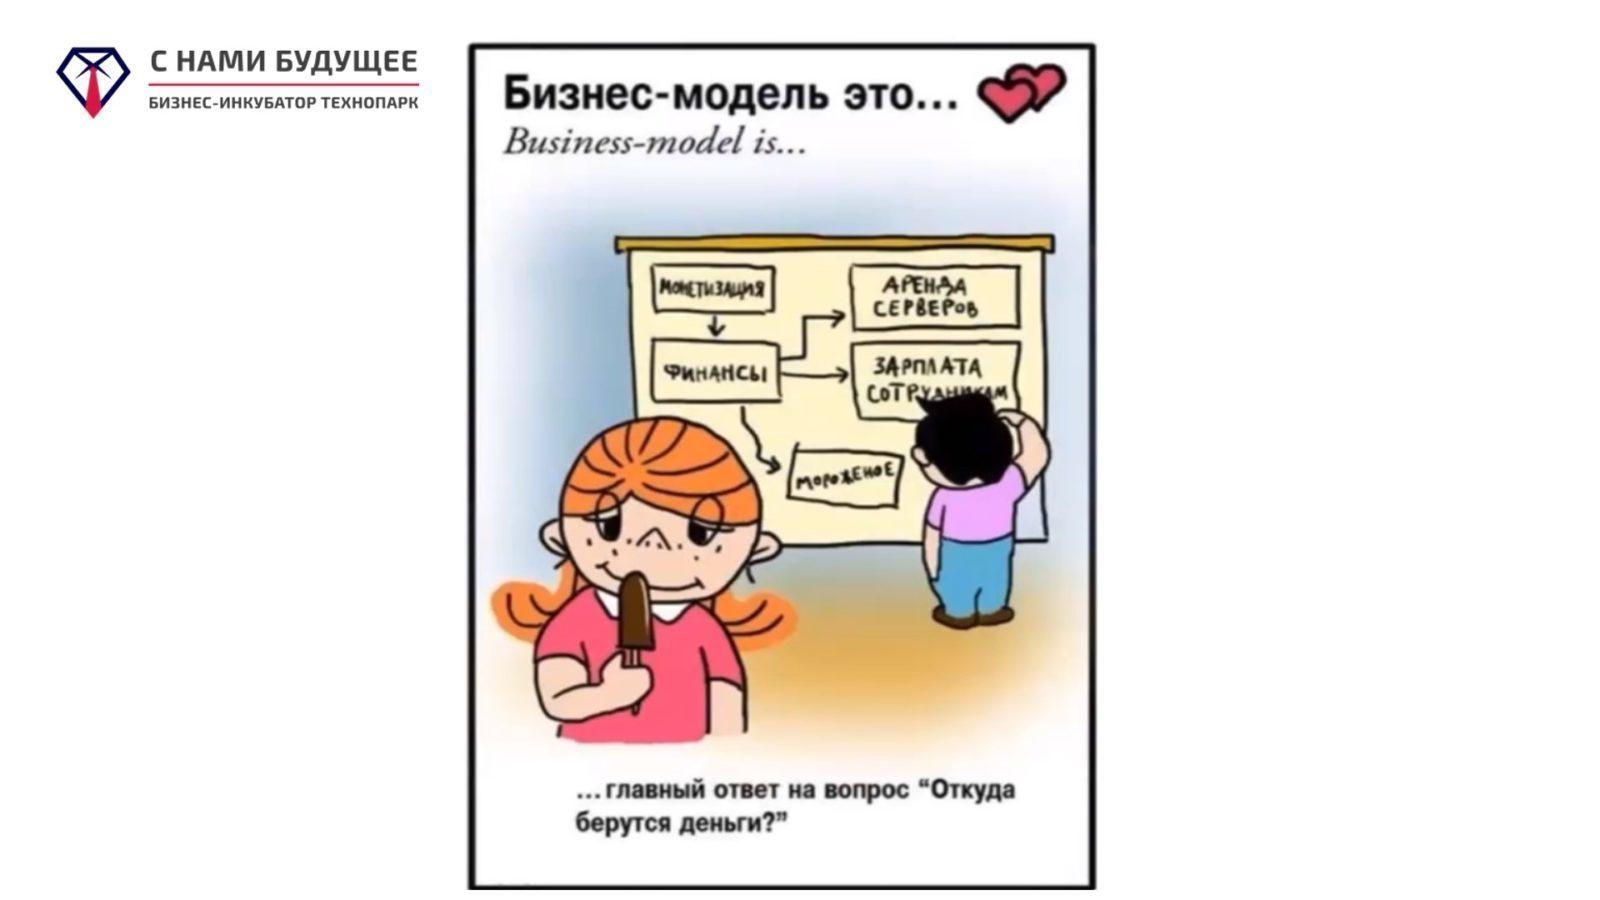 Бизнес девушка модель работы предприятия девушка модель в омске работа